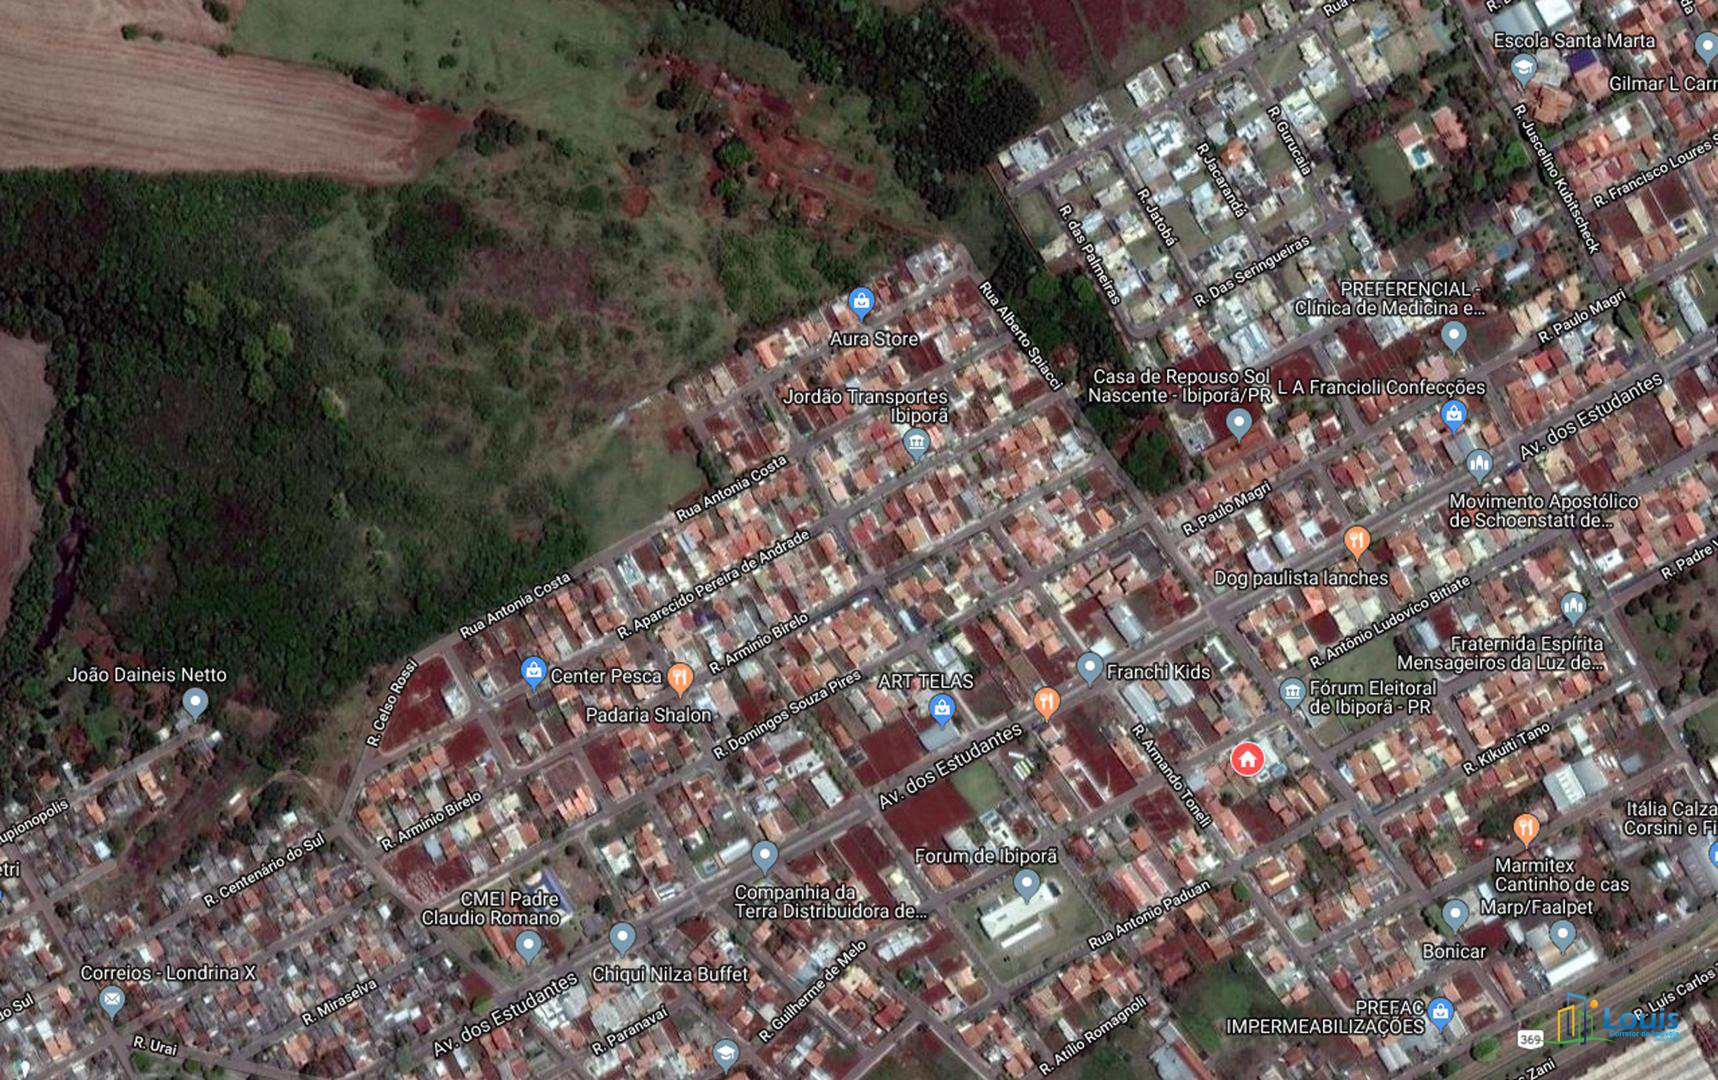 Sobrado 340m² Alto Padrão, 3 dorms, Vila Romana, Ibiporã/PR